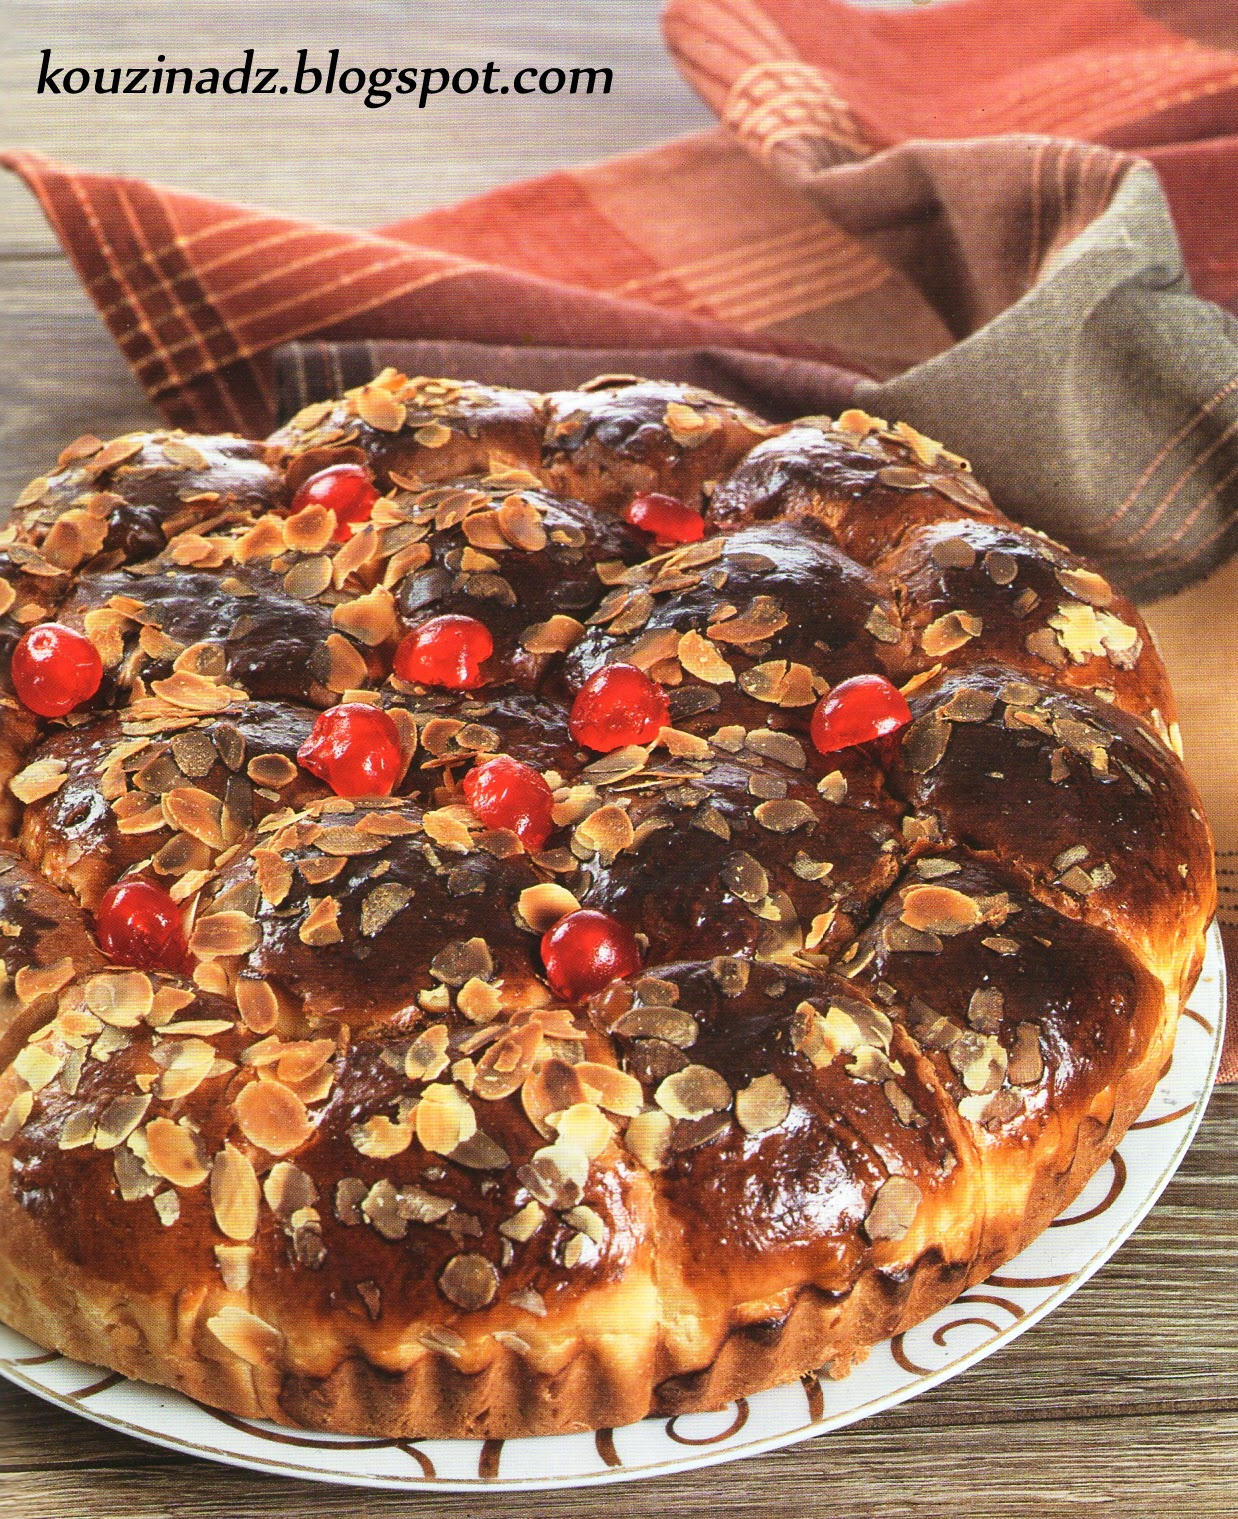 La Cuisine Algérienne Graines De Cafe: La Cuisine Algérienne: La Mona